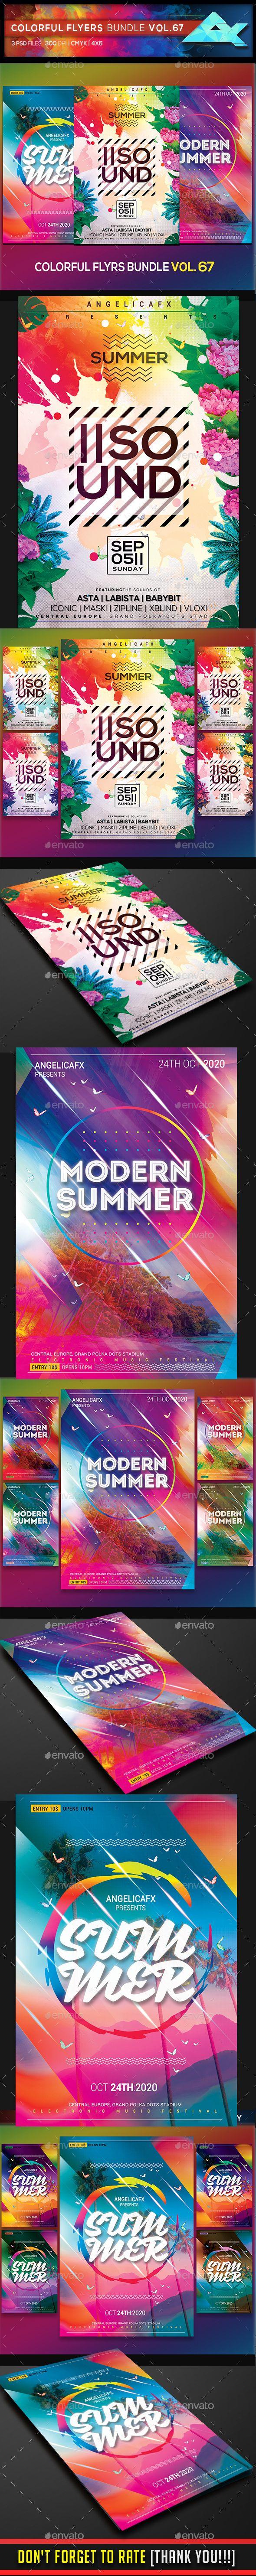 colorful flyers bundle vol 67 flyers colorful bundle vol